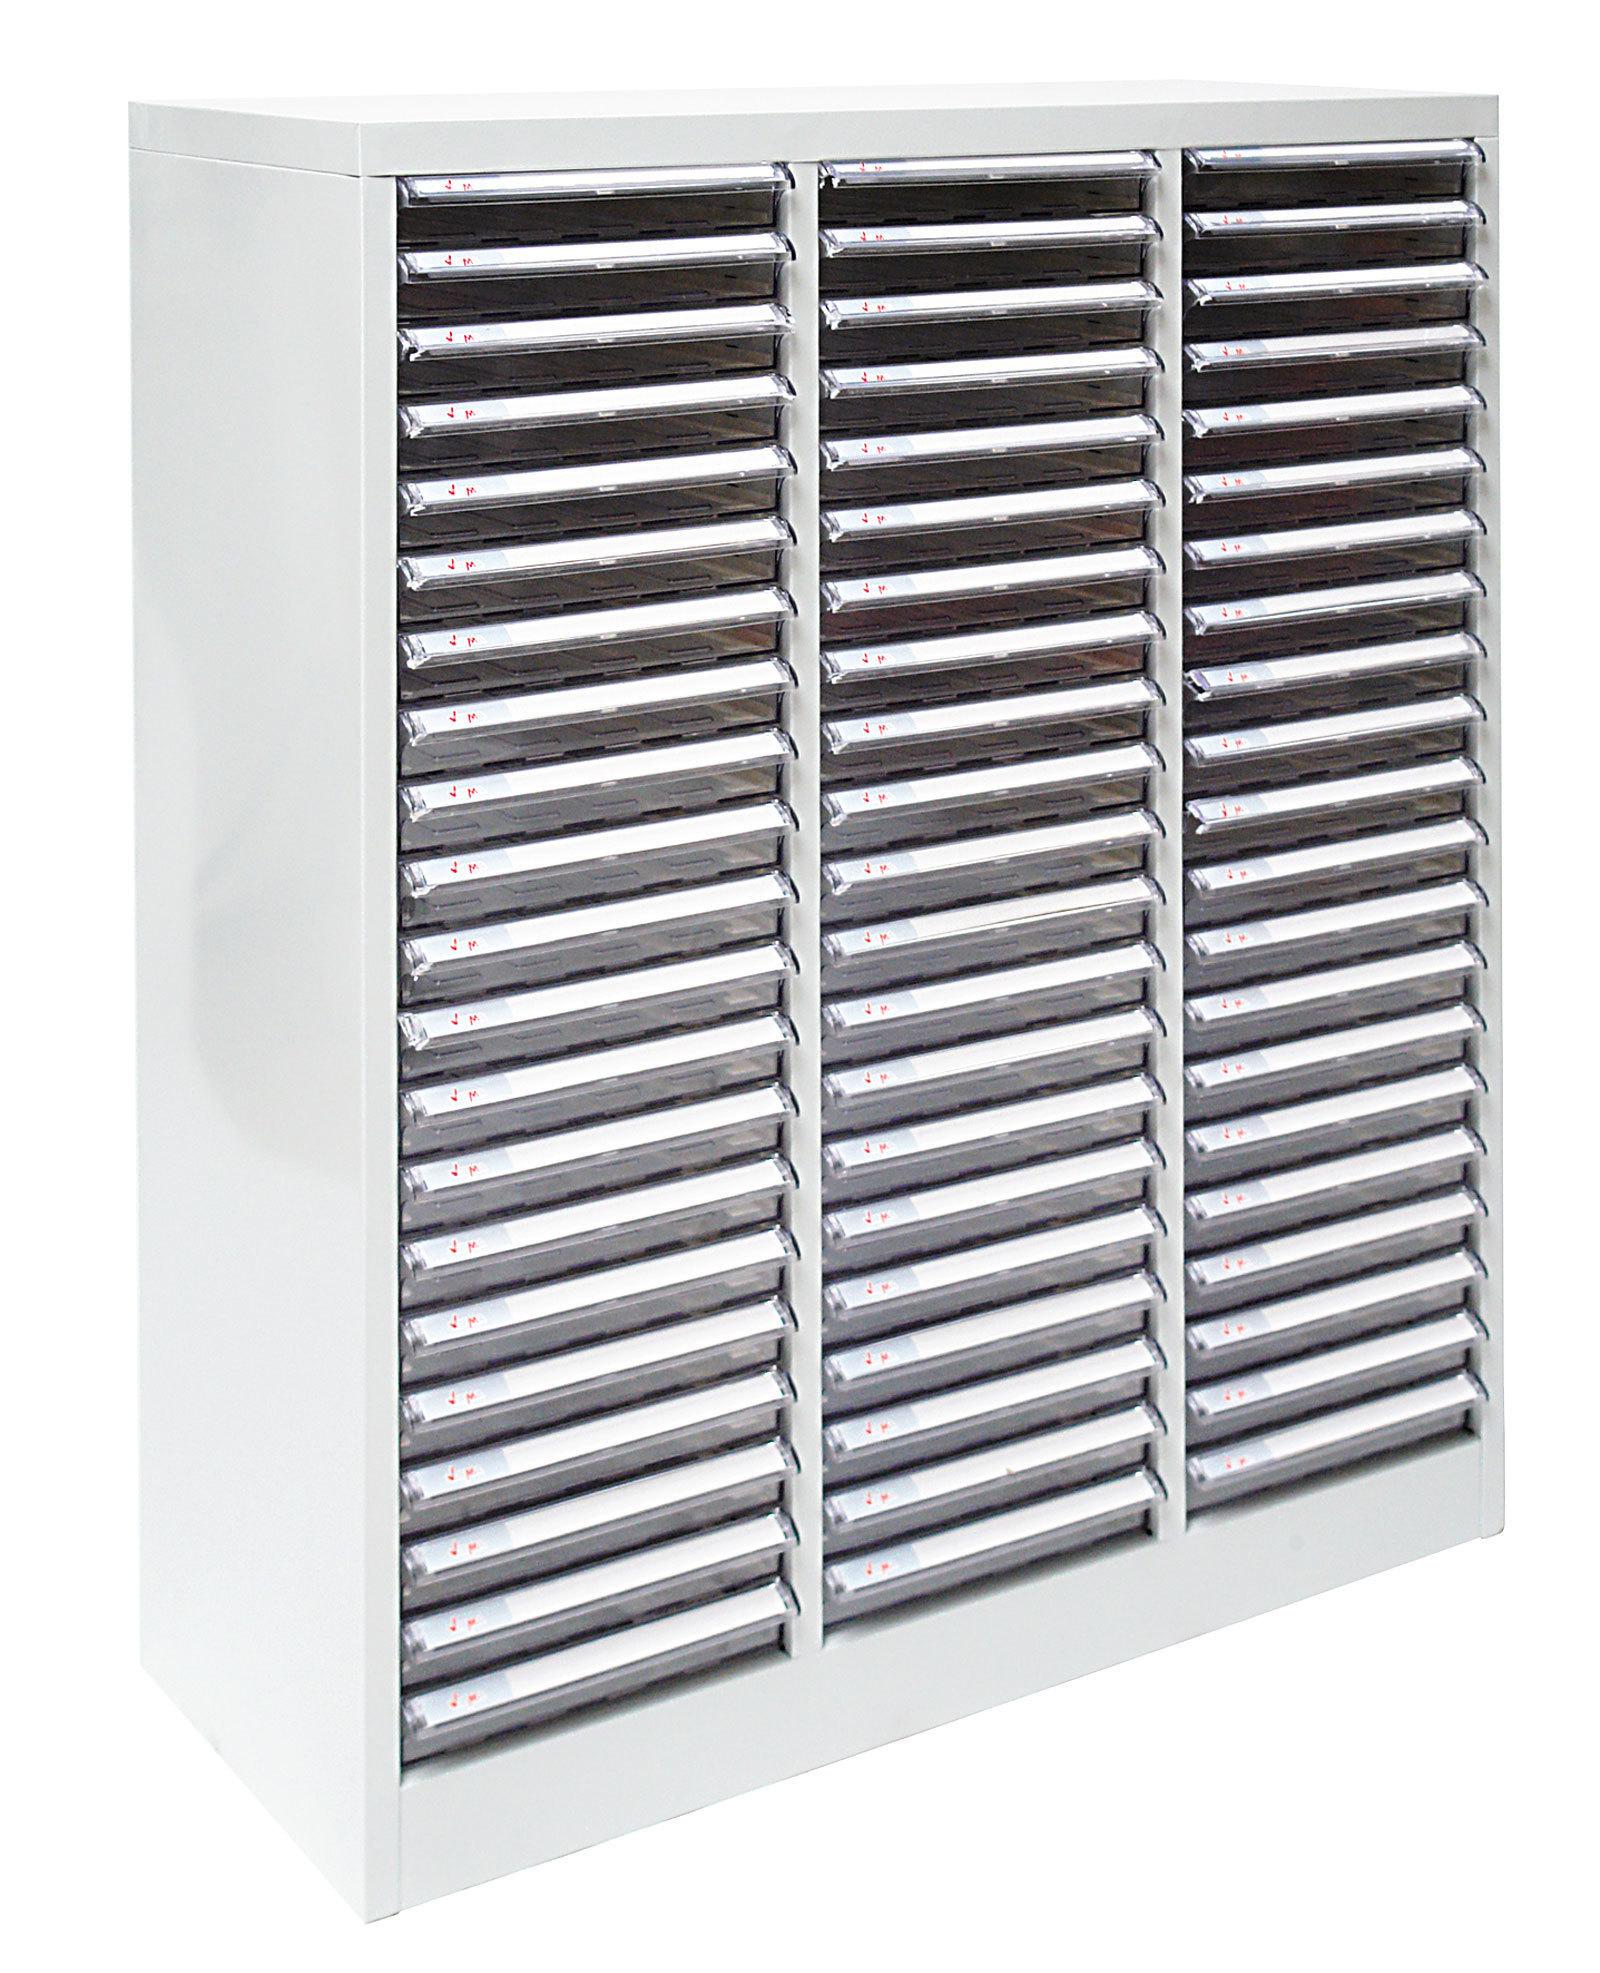 Schubladenschrank Metall Gebraucht : adb metall schubladenschrank schubladencontainer sc 3 x ~ Watch28wear.com Haus und Dekorationen